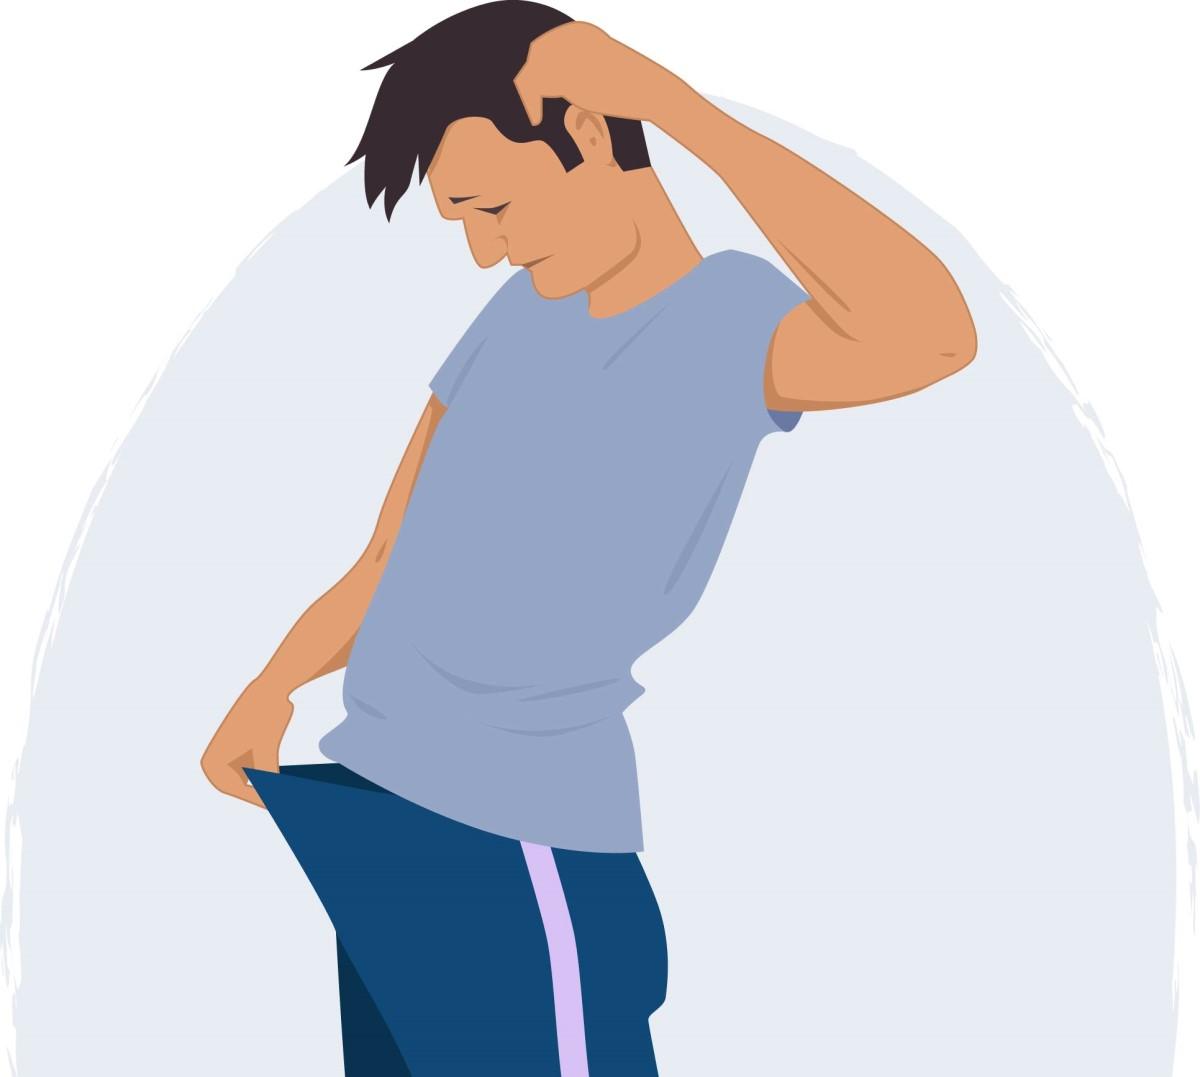 sifilis simptome transmitere tratament si vindecare. barbat care se uita in pantaloni